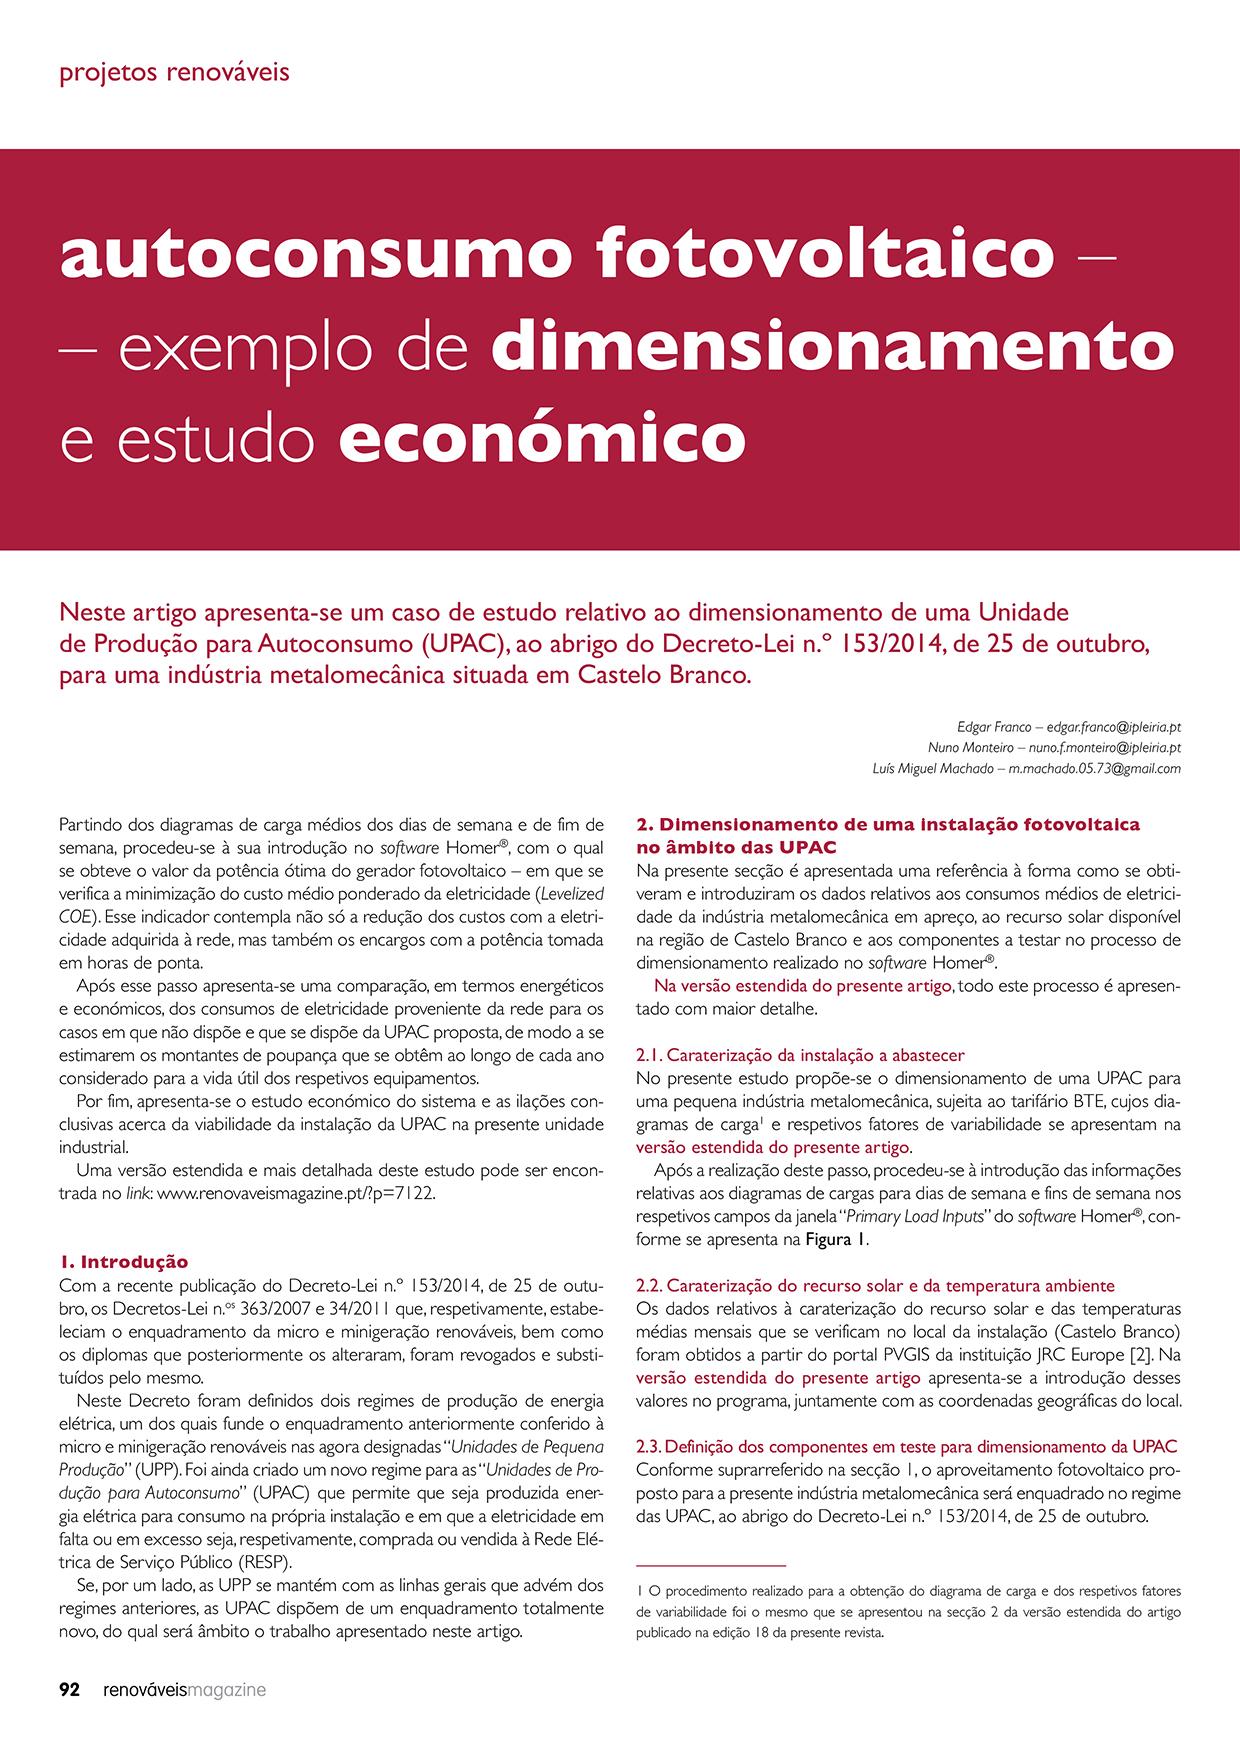 Artigo sobre Autoconsumo Fotovoltaico da edição 20